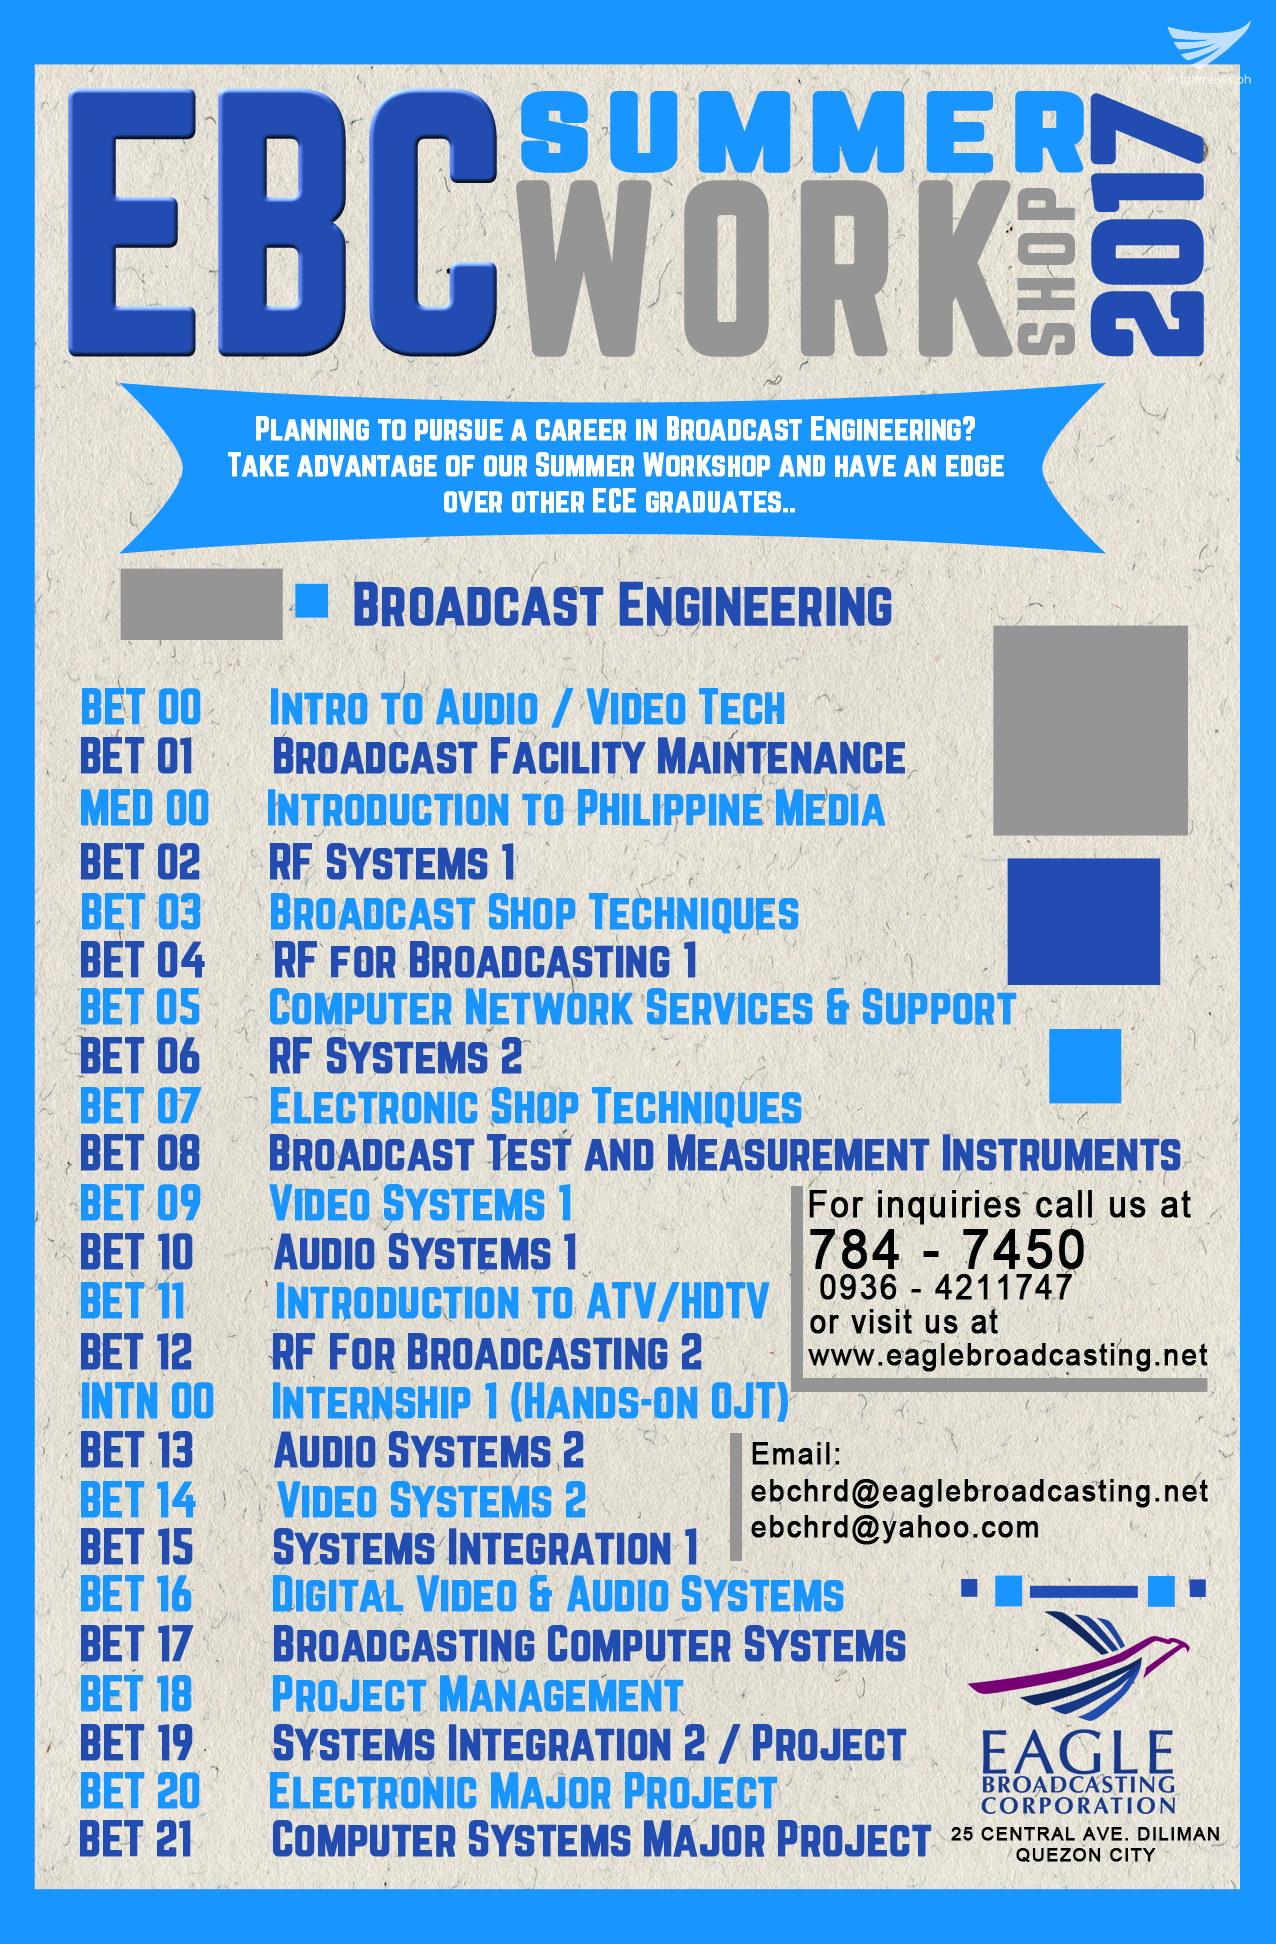 EBCWorkshop 2017 engineering poster